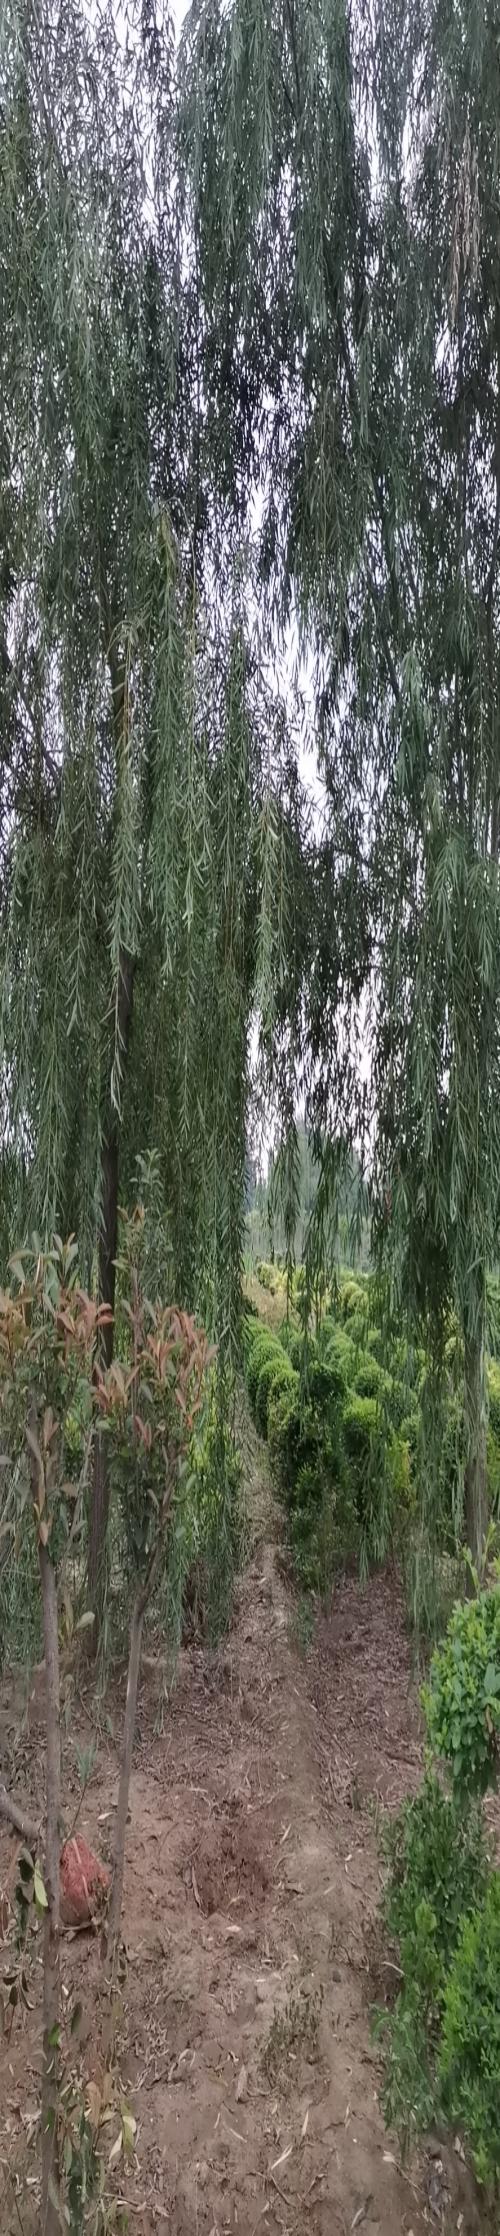 内蒙速生法桐种植基地_法桐销售相关-长垣县华夏园林绿化有限公司